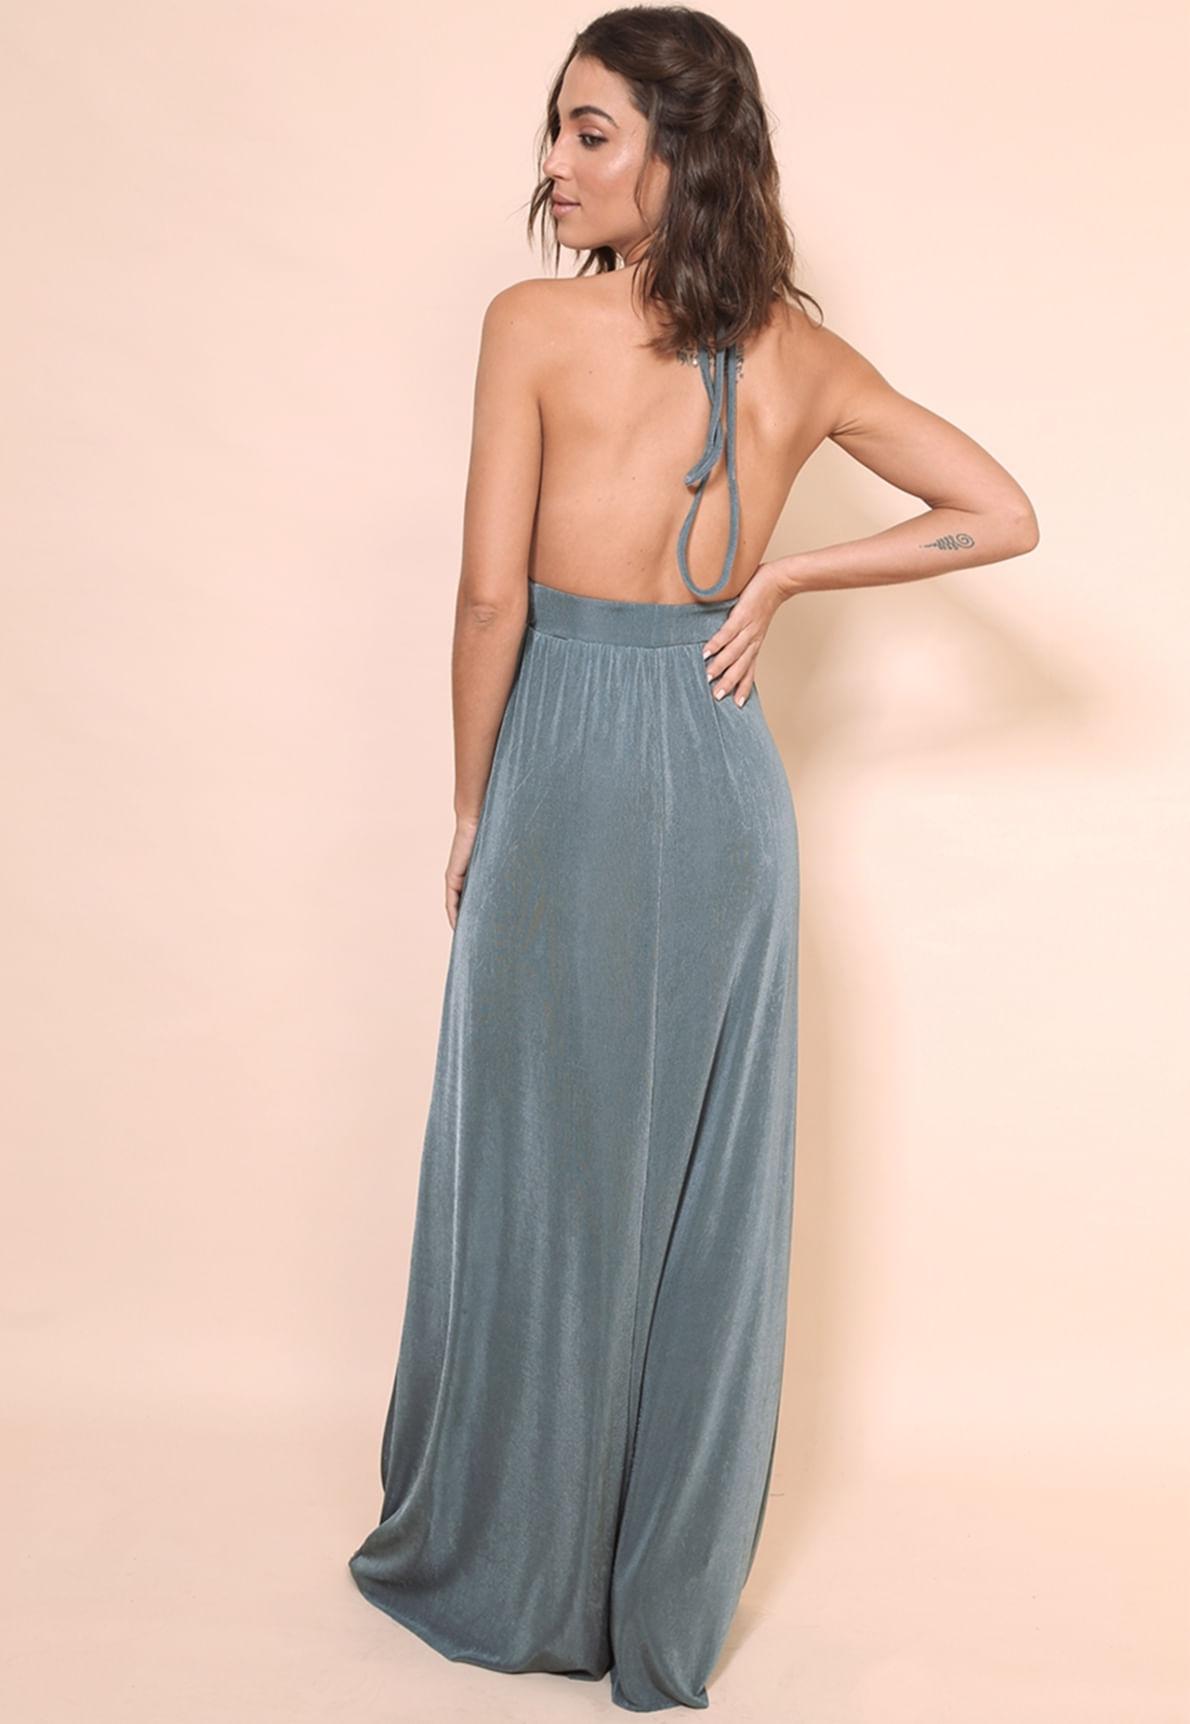 21303-vestido-longo-azul-dakota-04